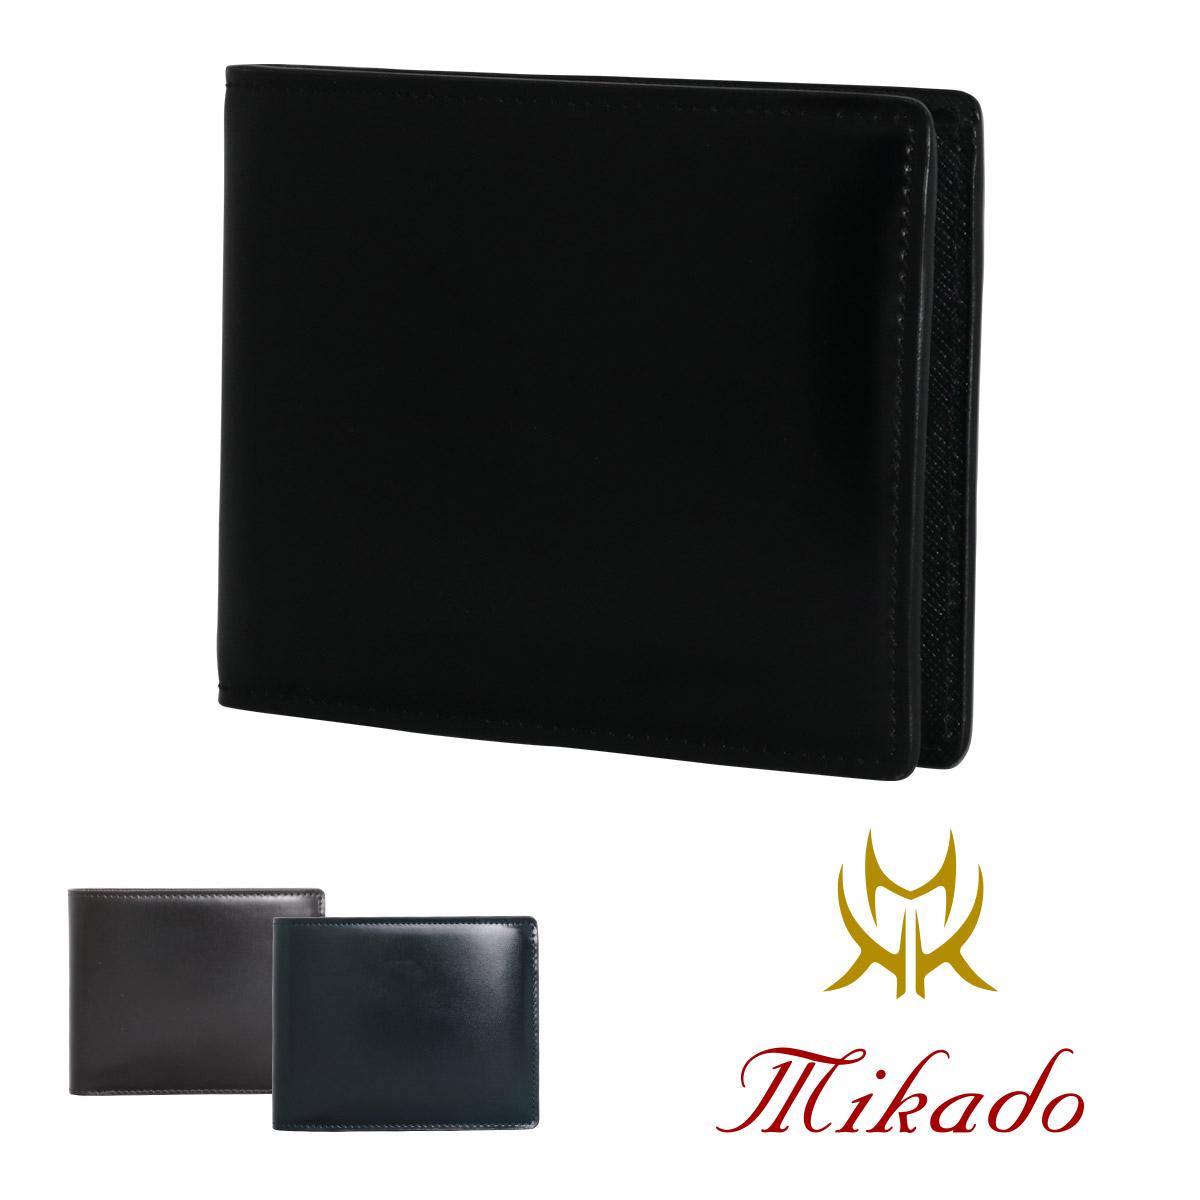 ミカド Mikado 二つ折り財布 636015 アリニンコードバン 【 財布 メンズ レザー 】[bef][PO5][即日発送]